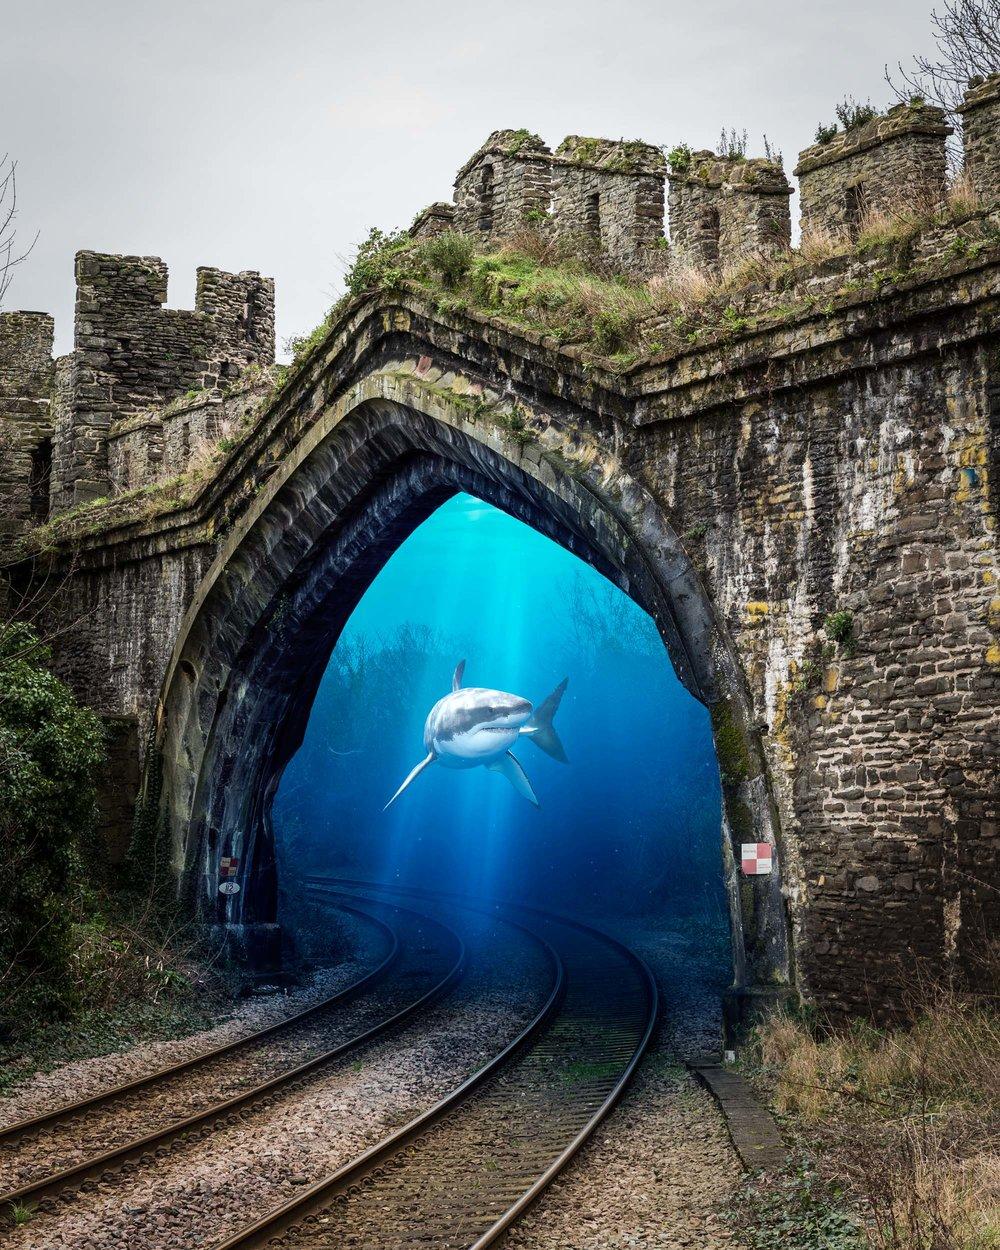 Shark-a-track